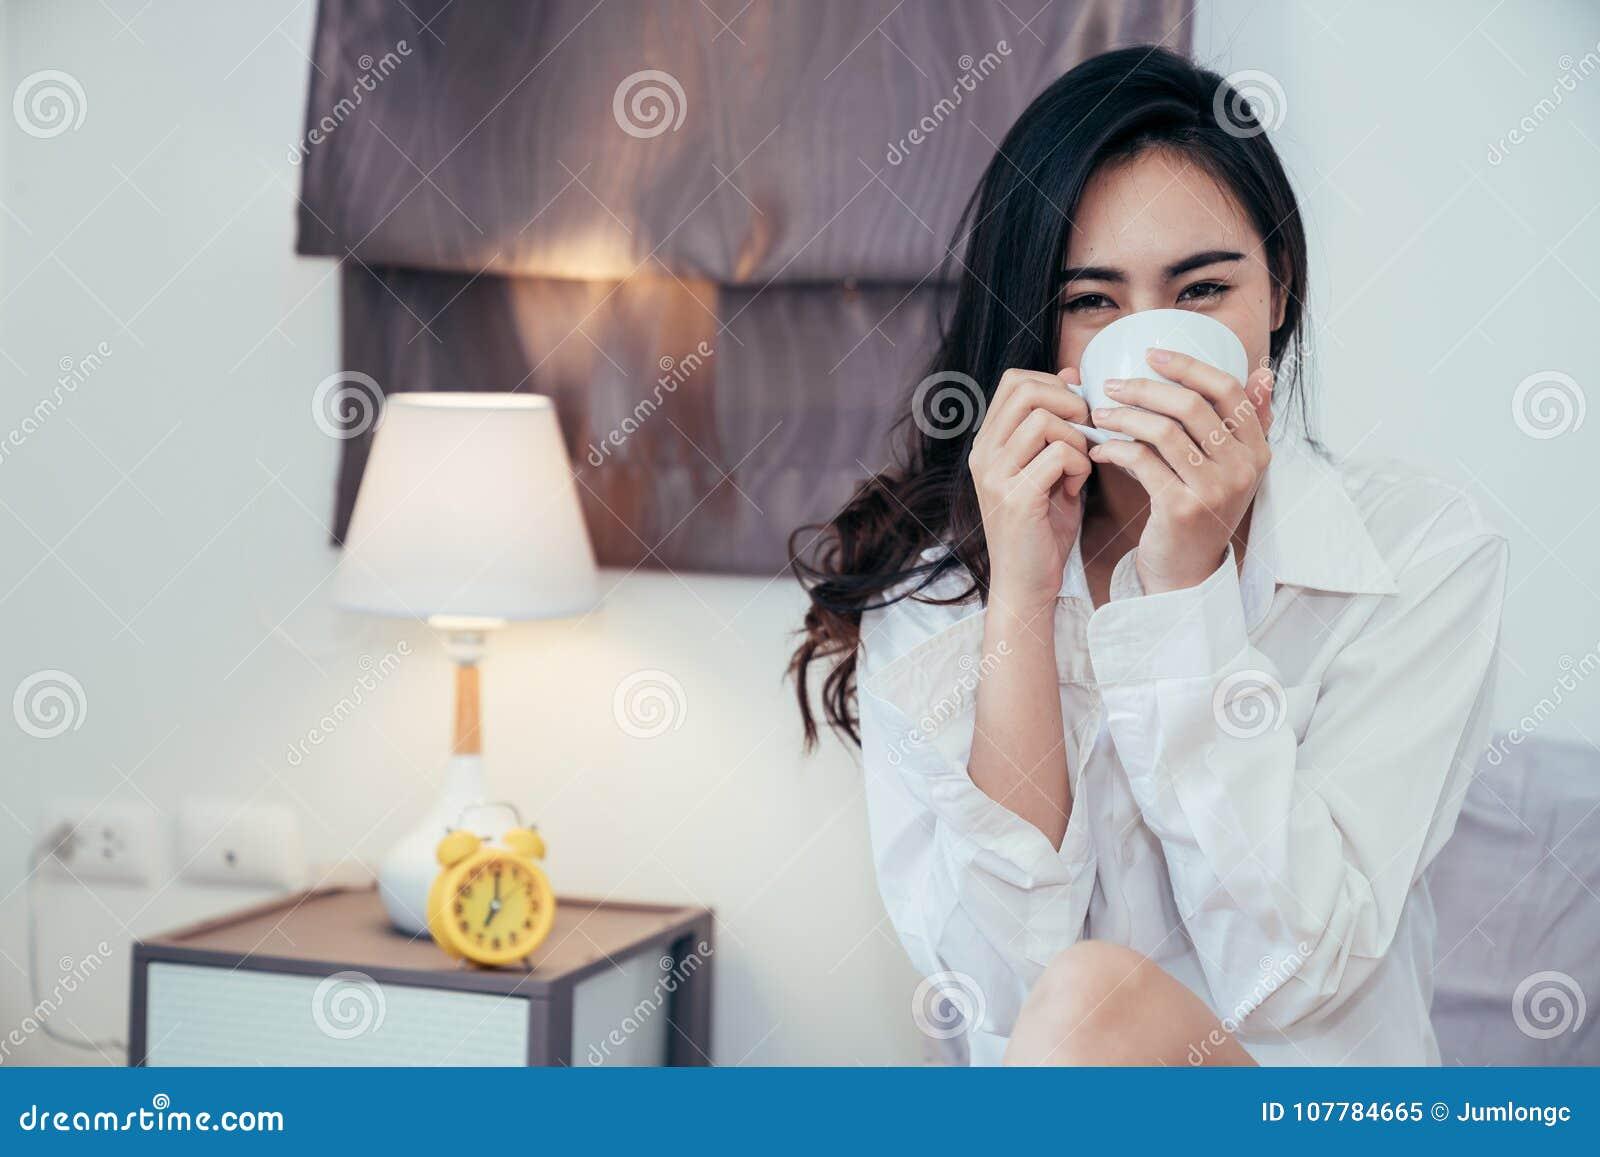 Asiatisches Mädchen, das gerade morgens aufwachen